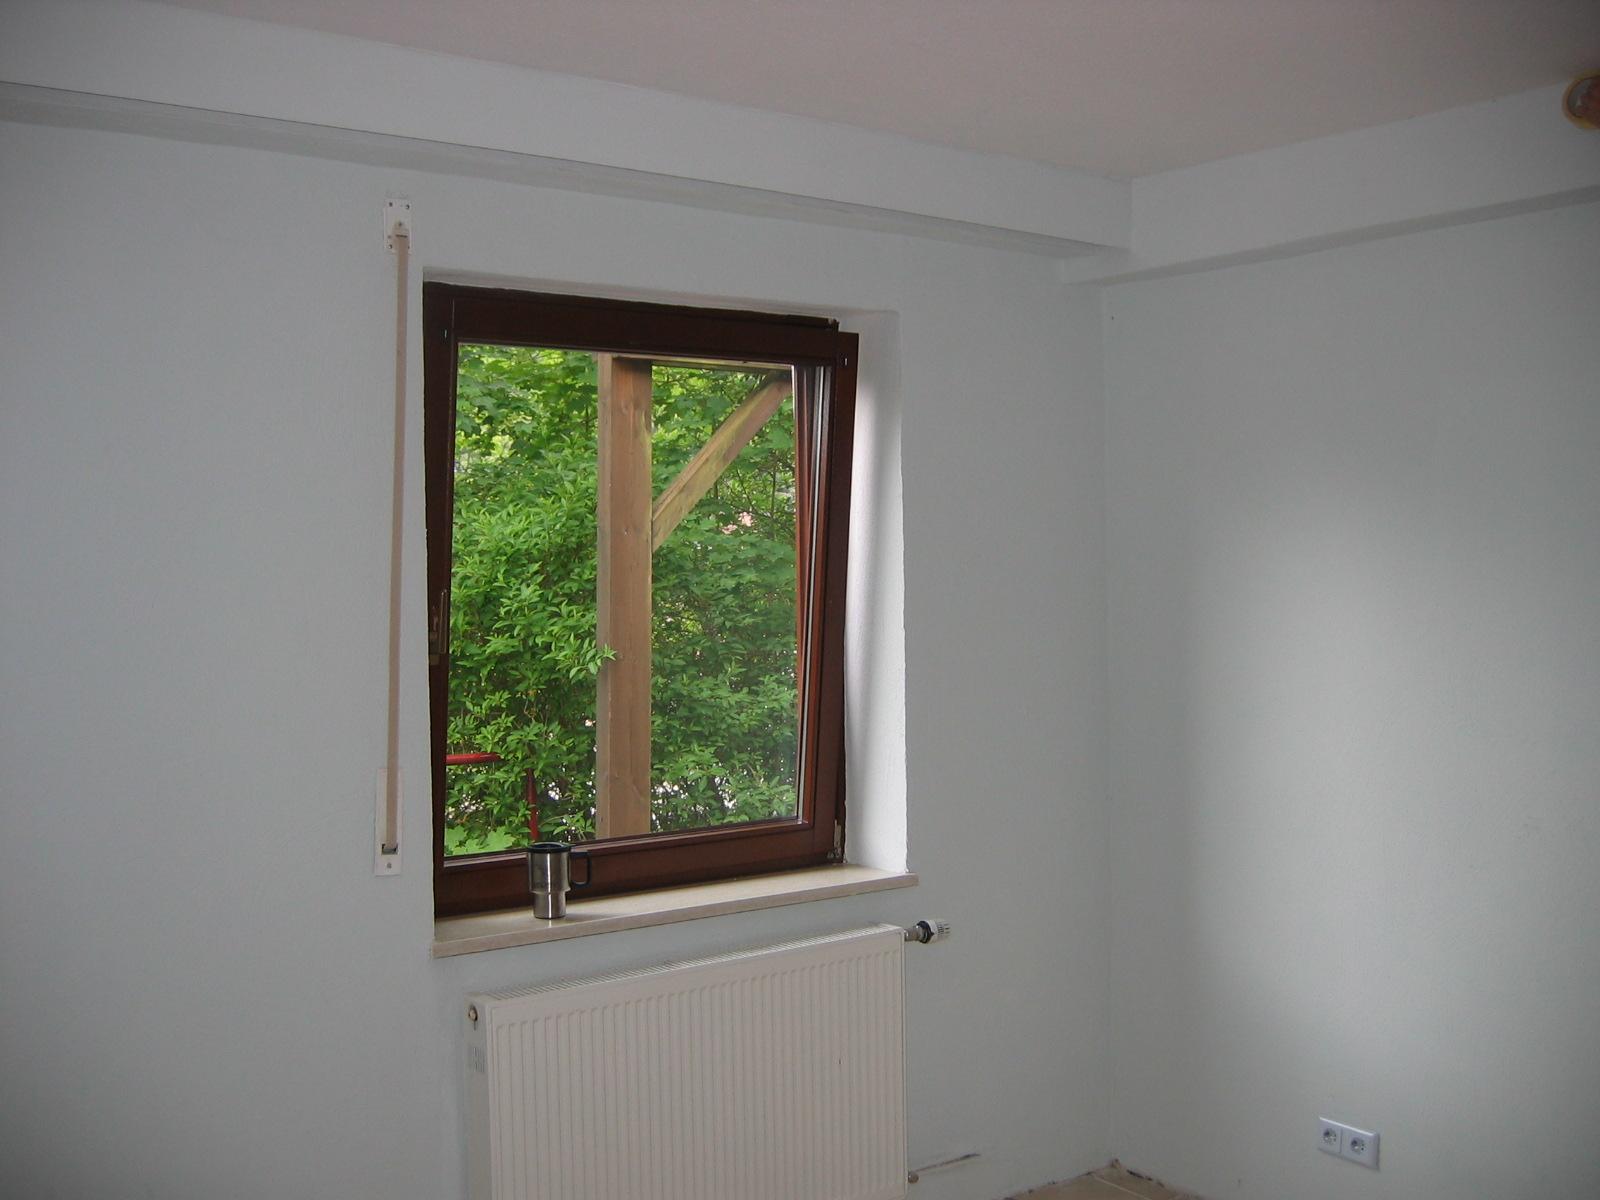 Anna nordsued schlafzimmer renovierung - Renovierung schlafzimmer ...